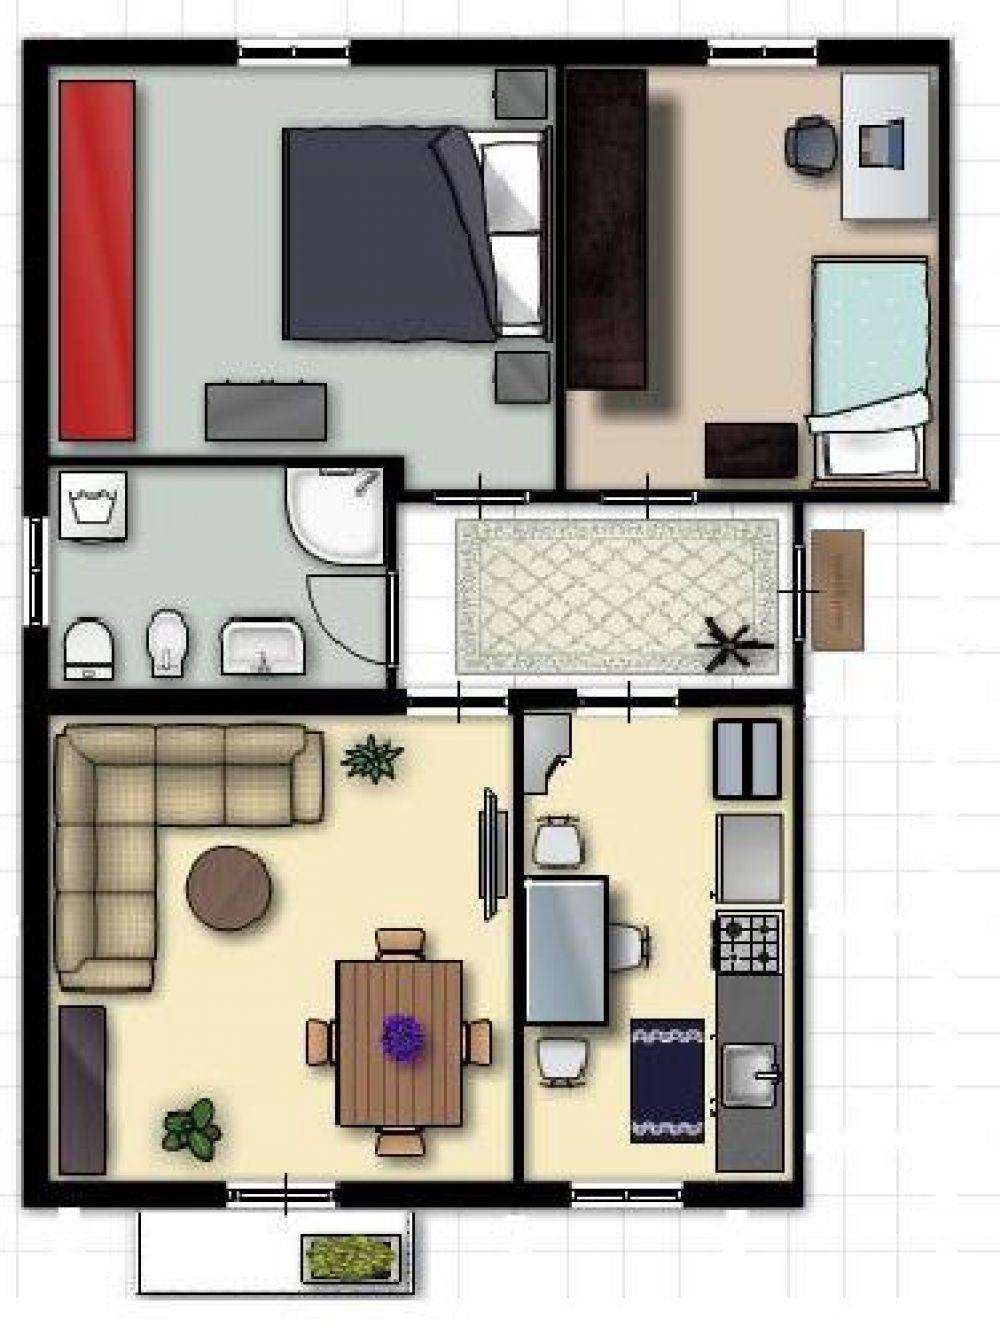 Fidenza appartamenti ristrutturati in palazzina da sei unita 39 for Case di architetti moderni